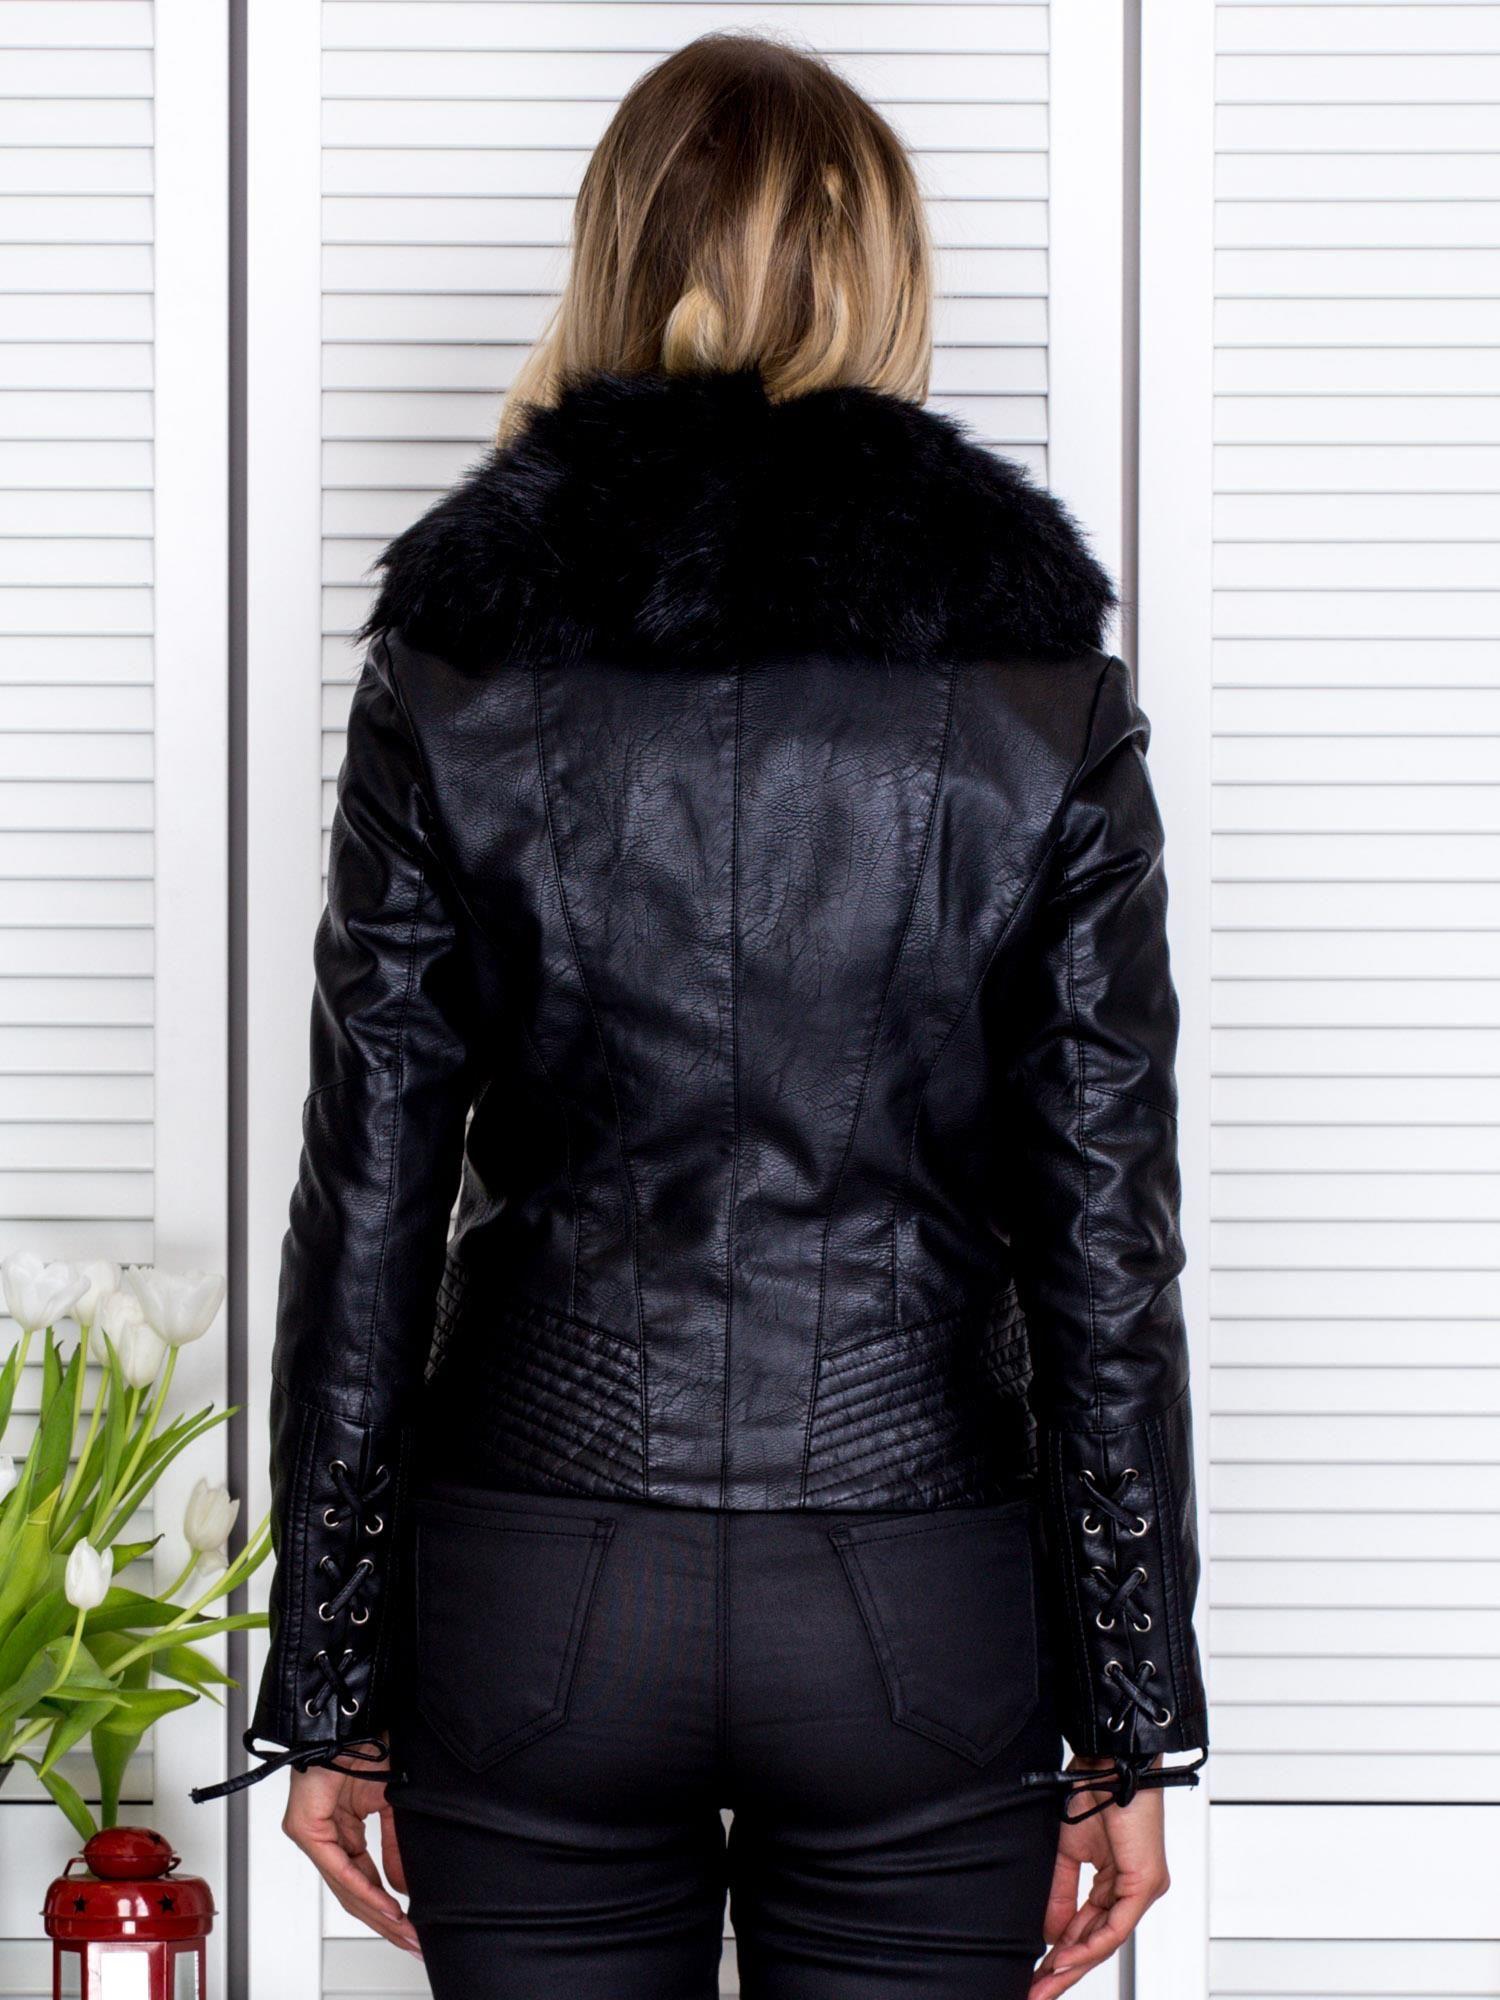 6b7285ea71521 Czarna kurtka z eko skóry z odpinanym futerkiem - Kurtka przejściowa - sklep  eButik.pl